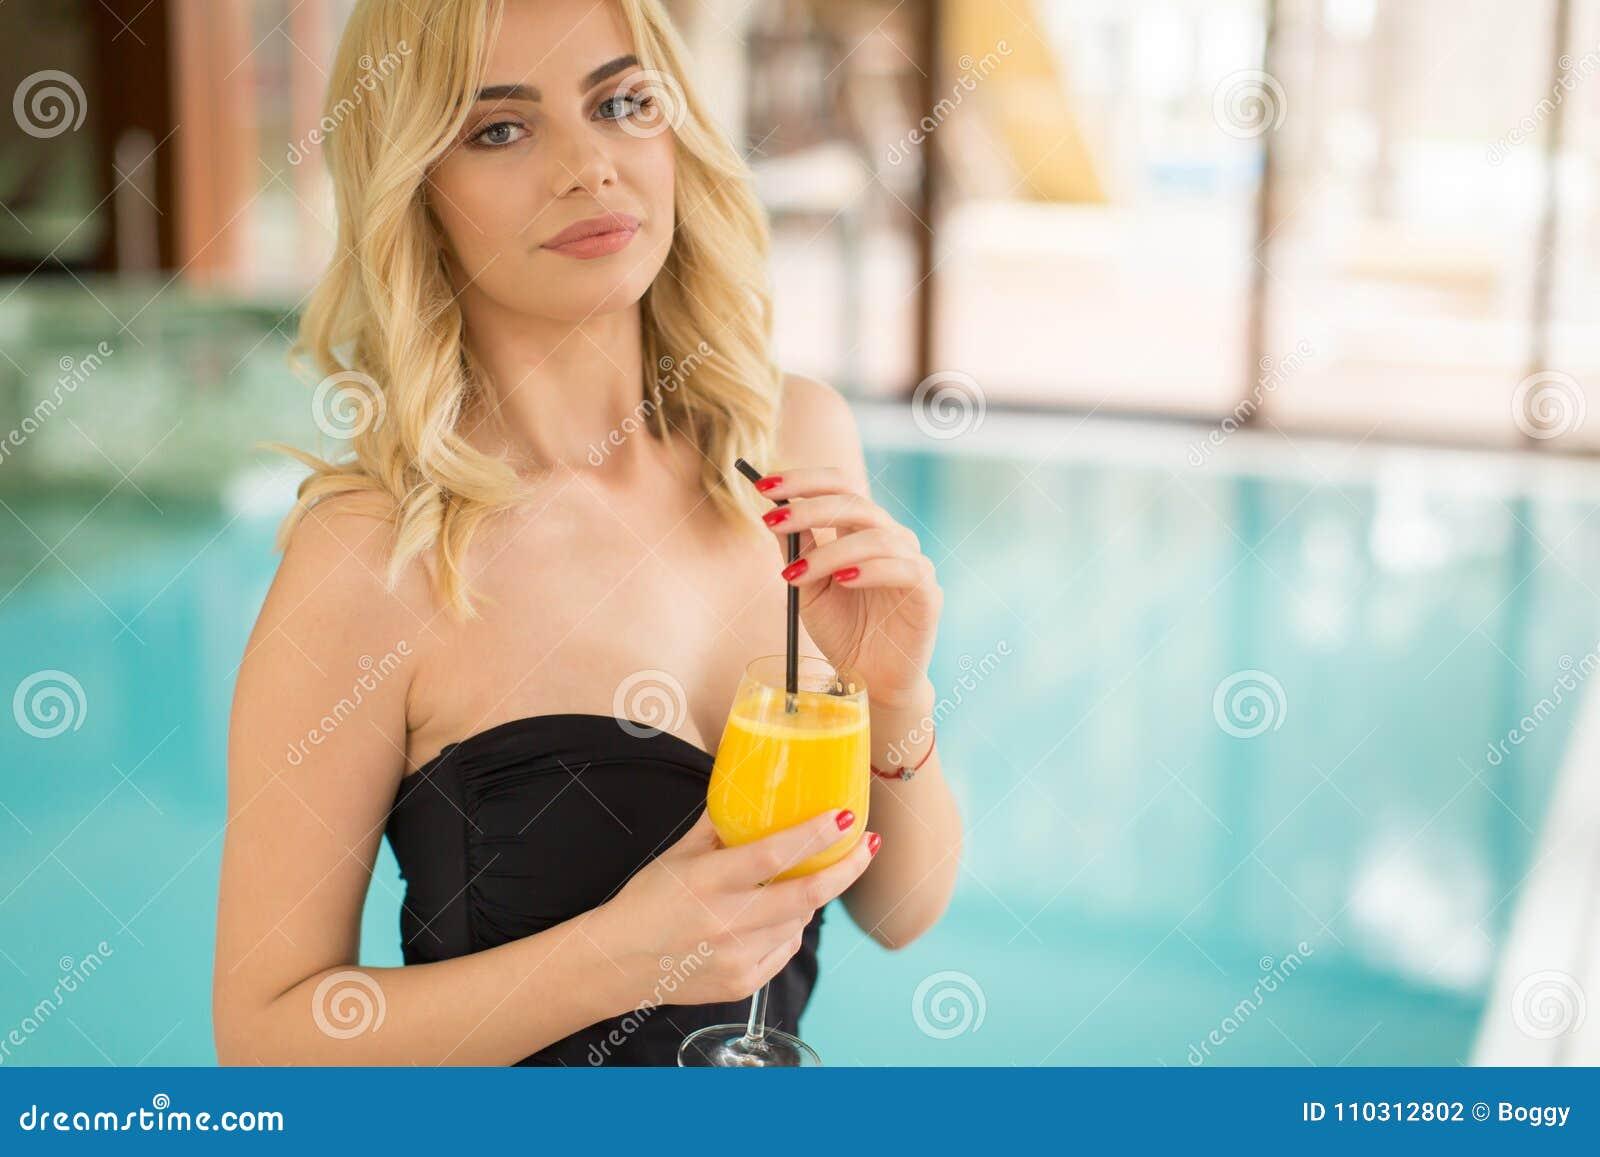 喝在游泳池边的美丽的年轻女人画象汁液